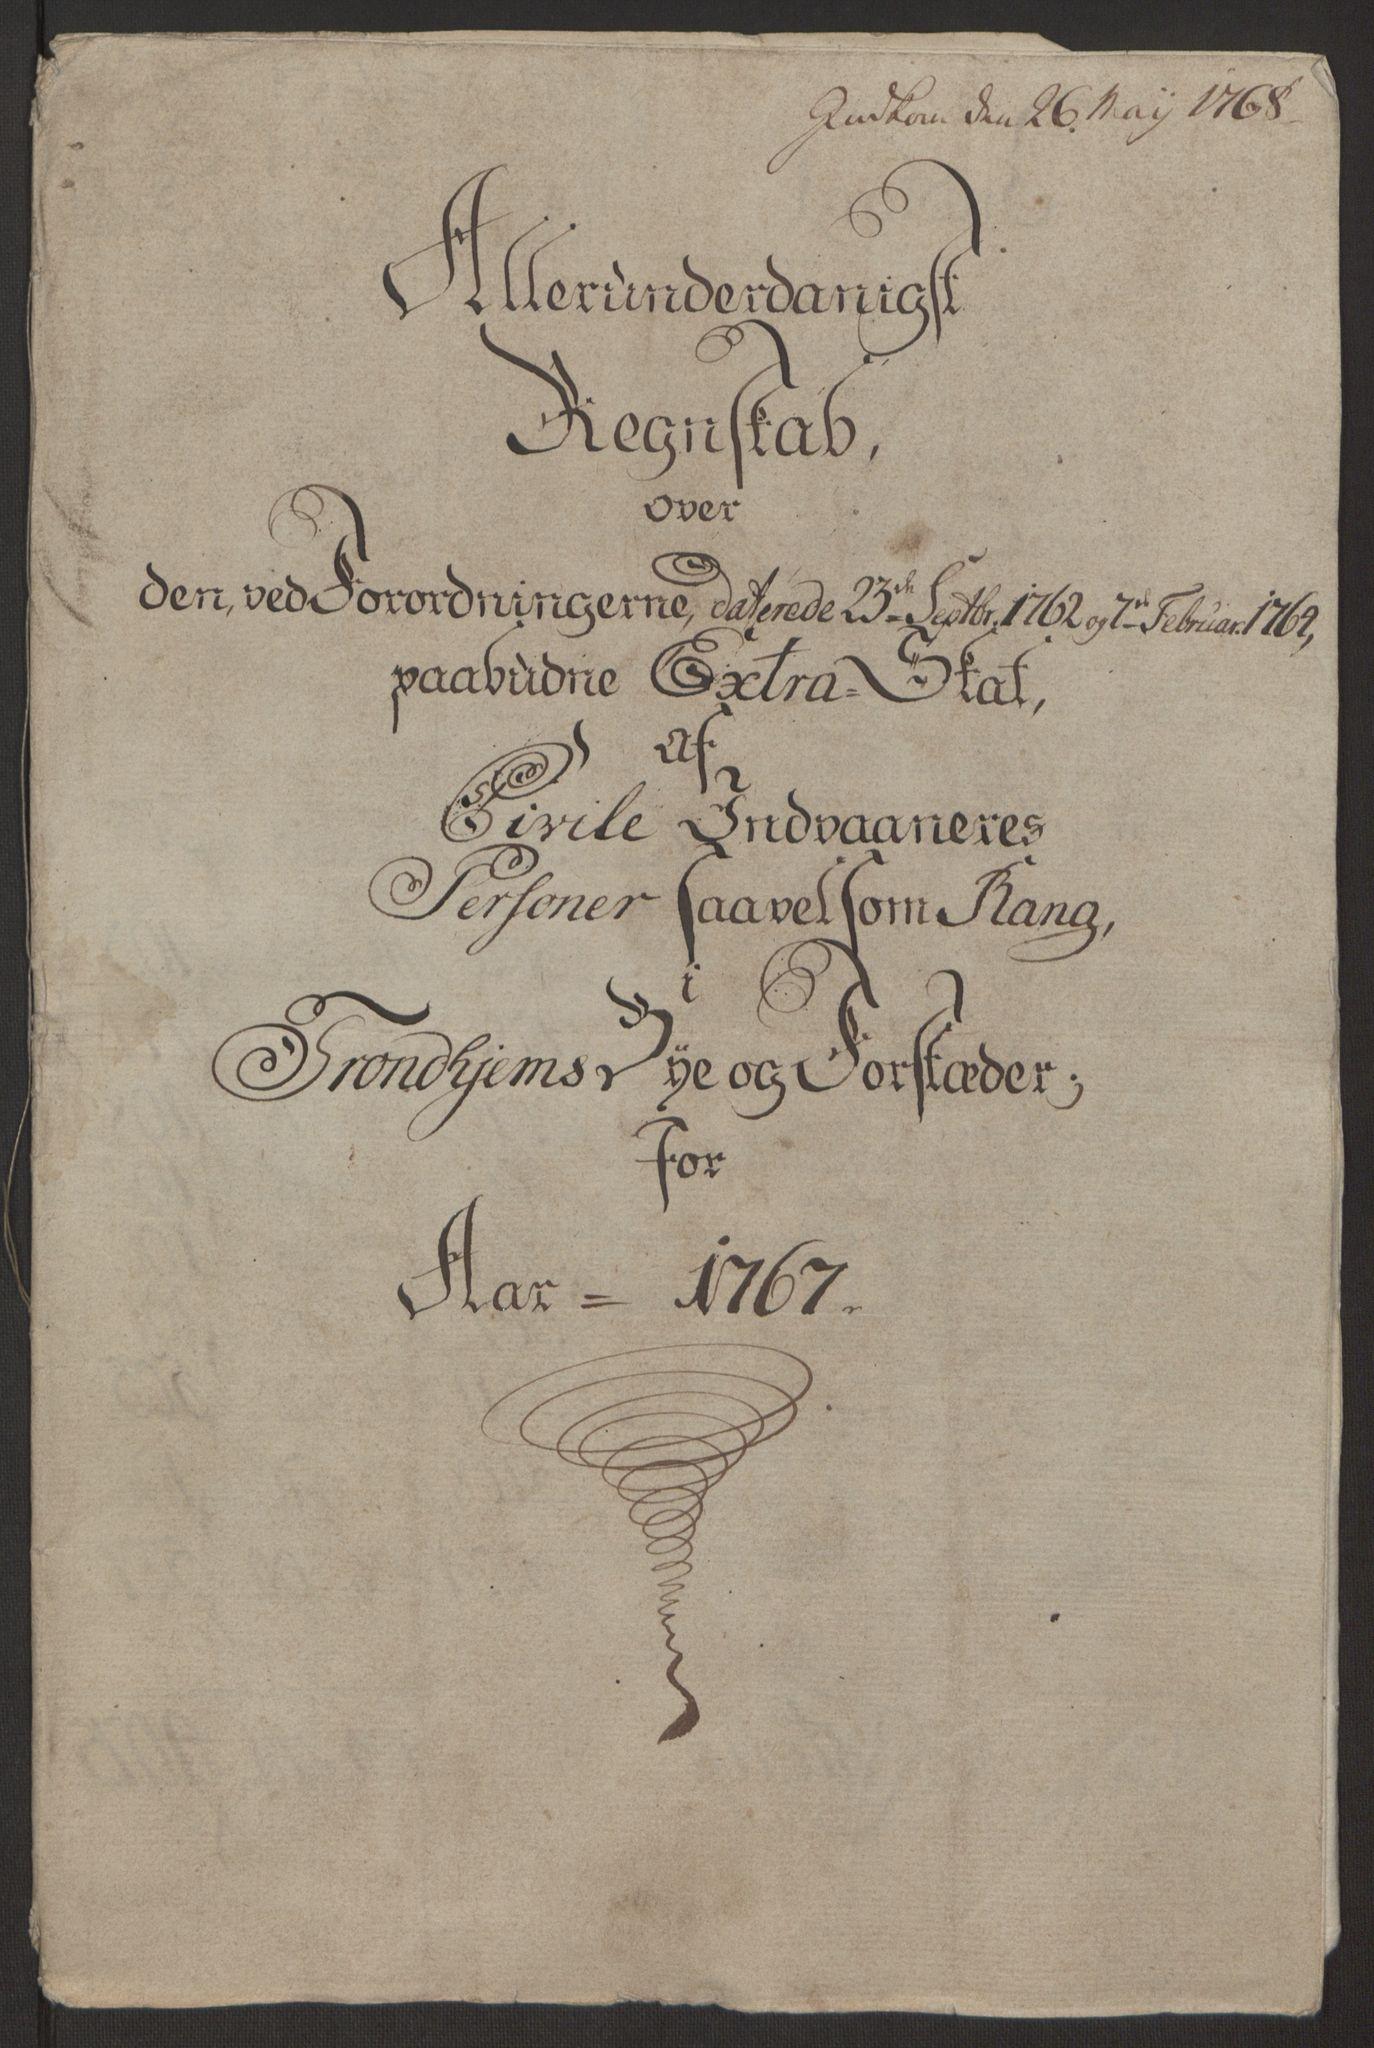 RA, Rentekammeret inntil 1814, Reviderte regnskaper, Byregnskaper, R/Rs/L0516: [S9] Kontribusjonsregnskap, 1762-1767, s. 359